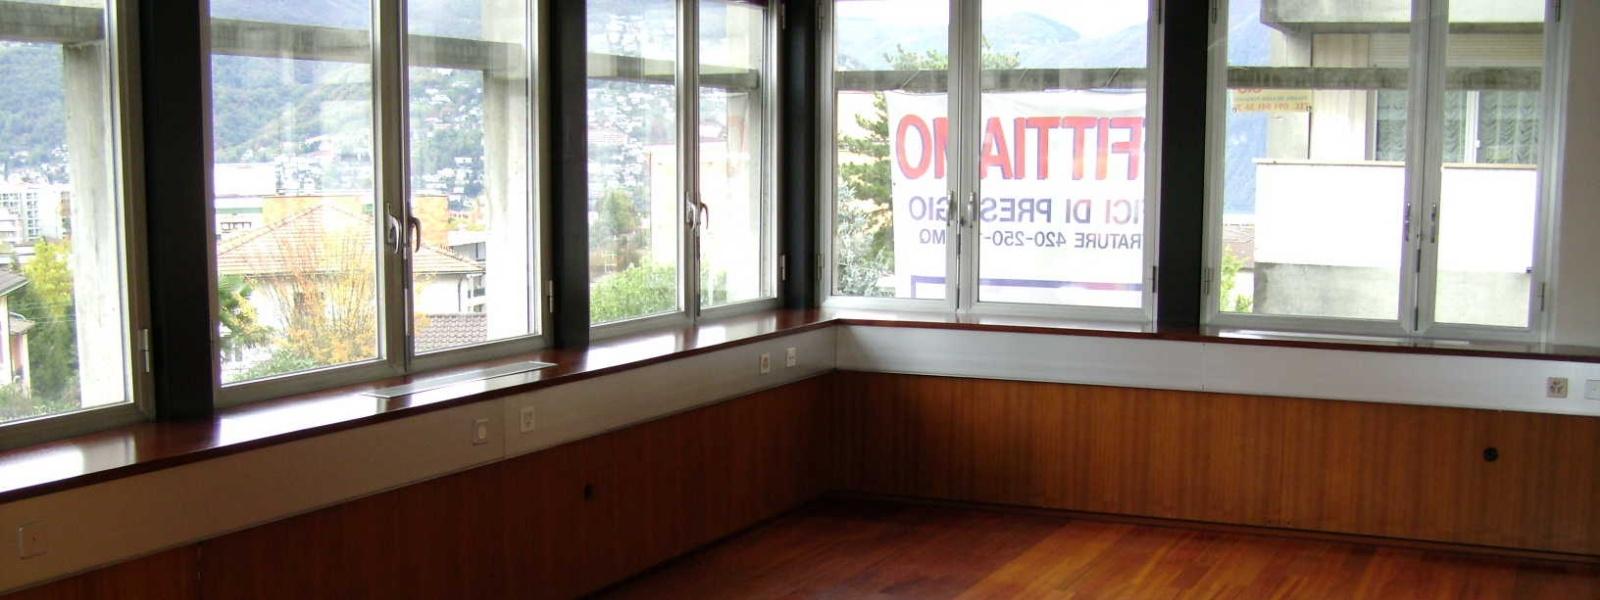 59 Via Besso,Lugano,3 Locali Locali,Ufficio,Via Besso,2,1011